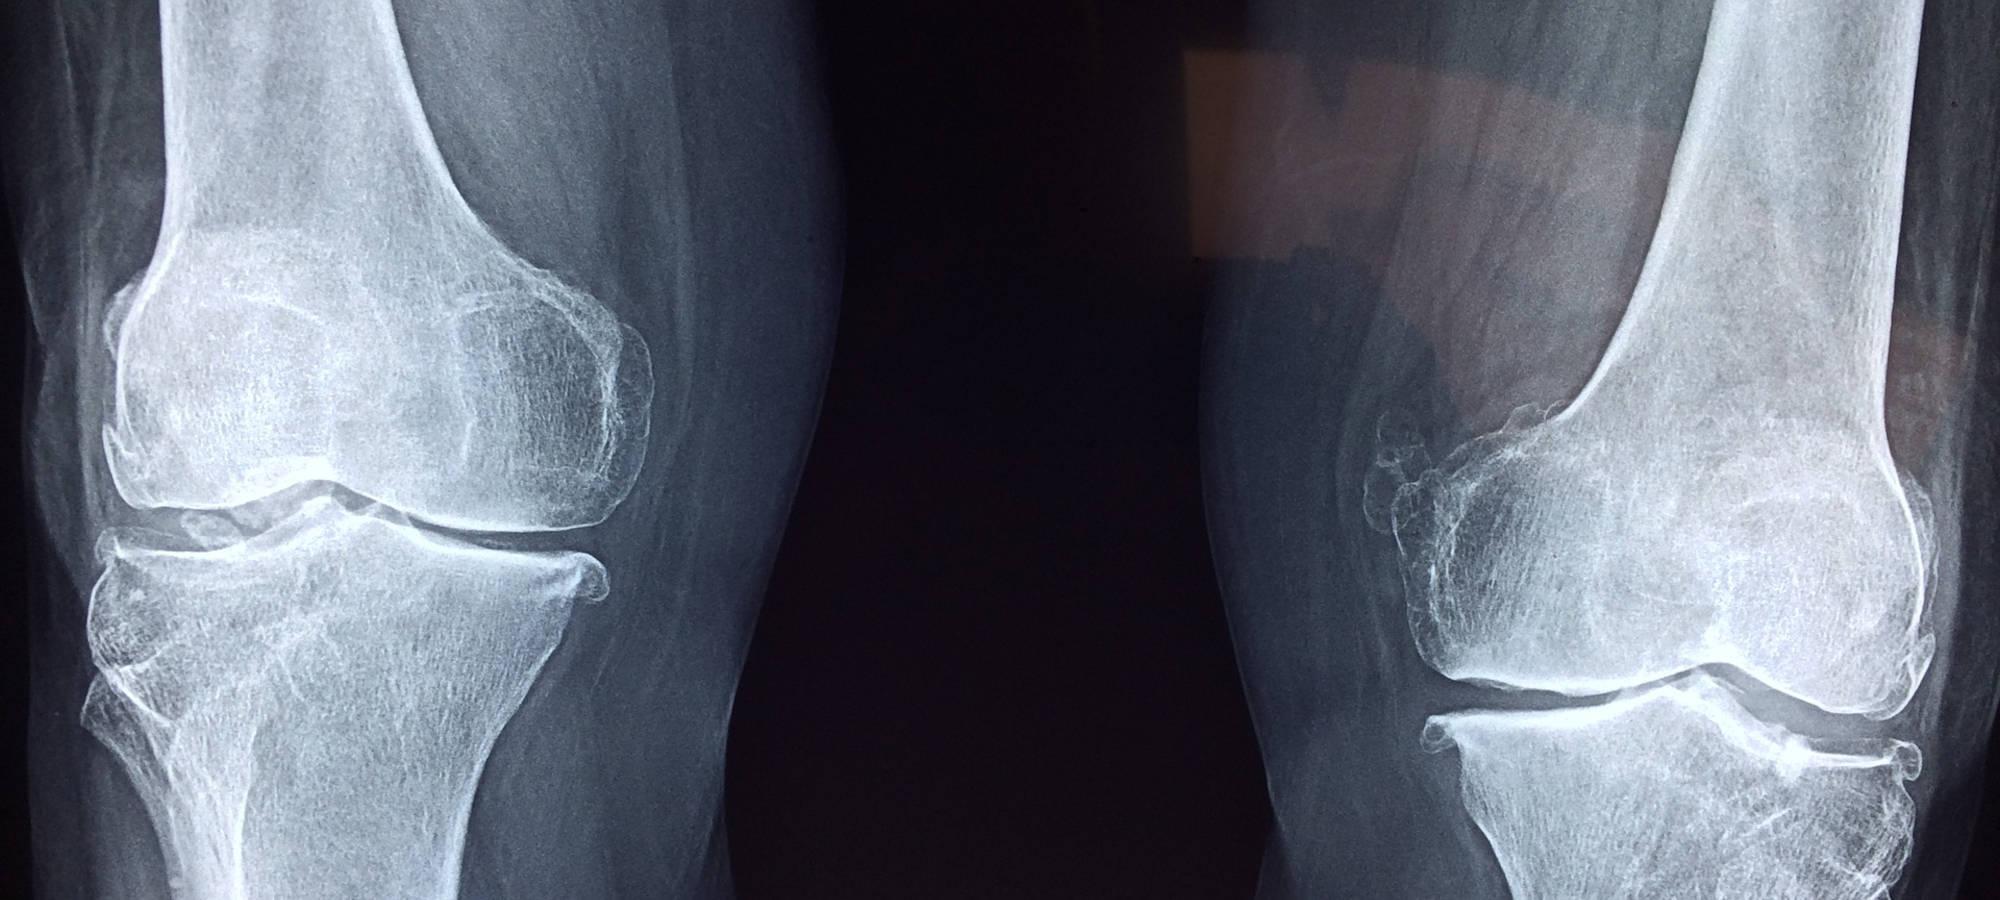 Ein Röntgenbild auf dem zwei Knochen zu sehen sind, © pixabay